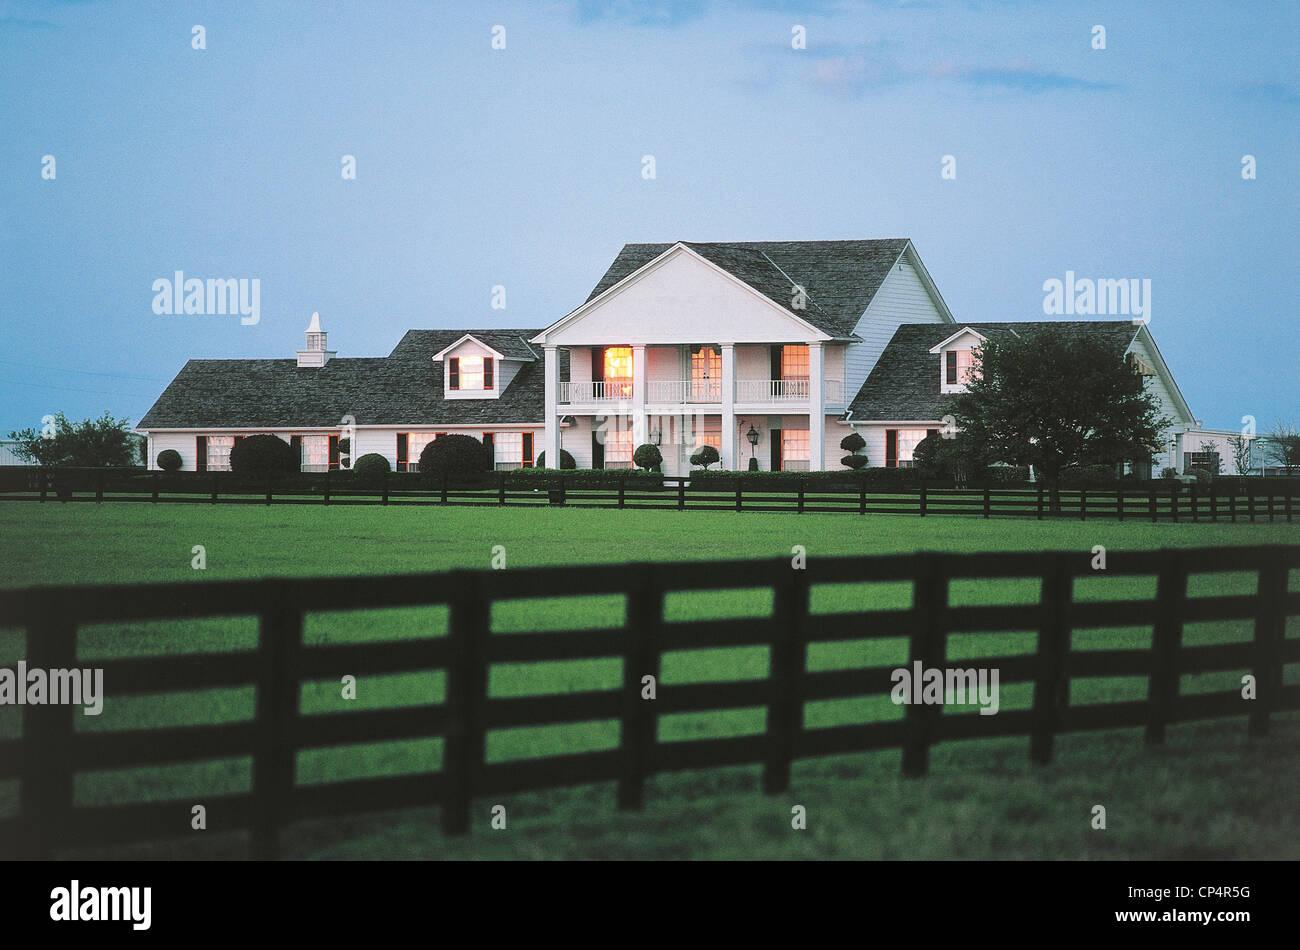 Southfork Ranch Dallas Southfork Stock Photos Amp Southfork Stock Images Alamy